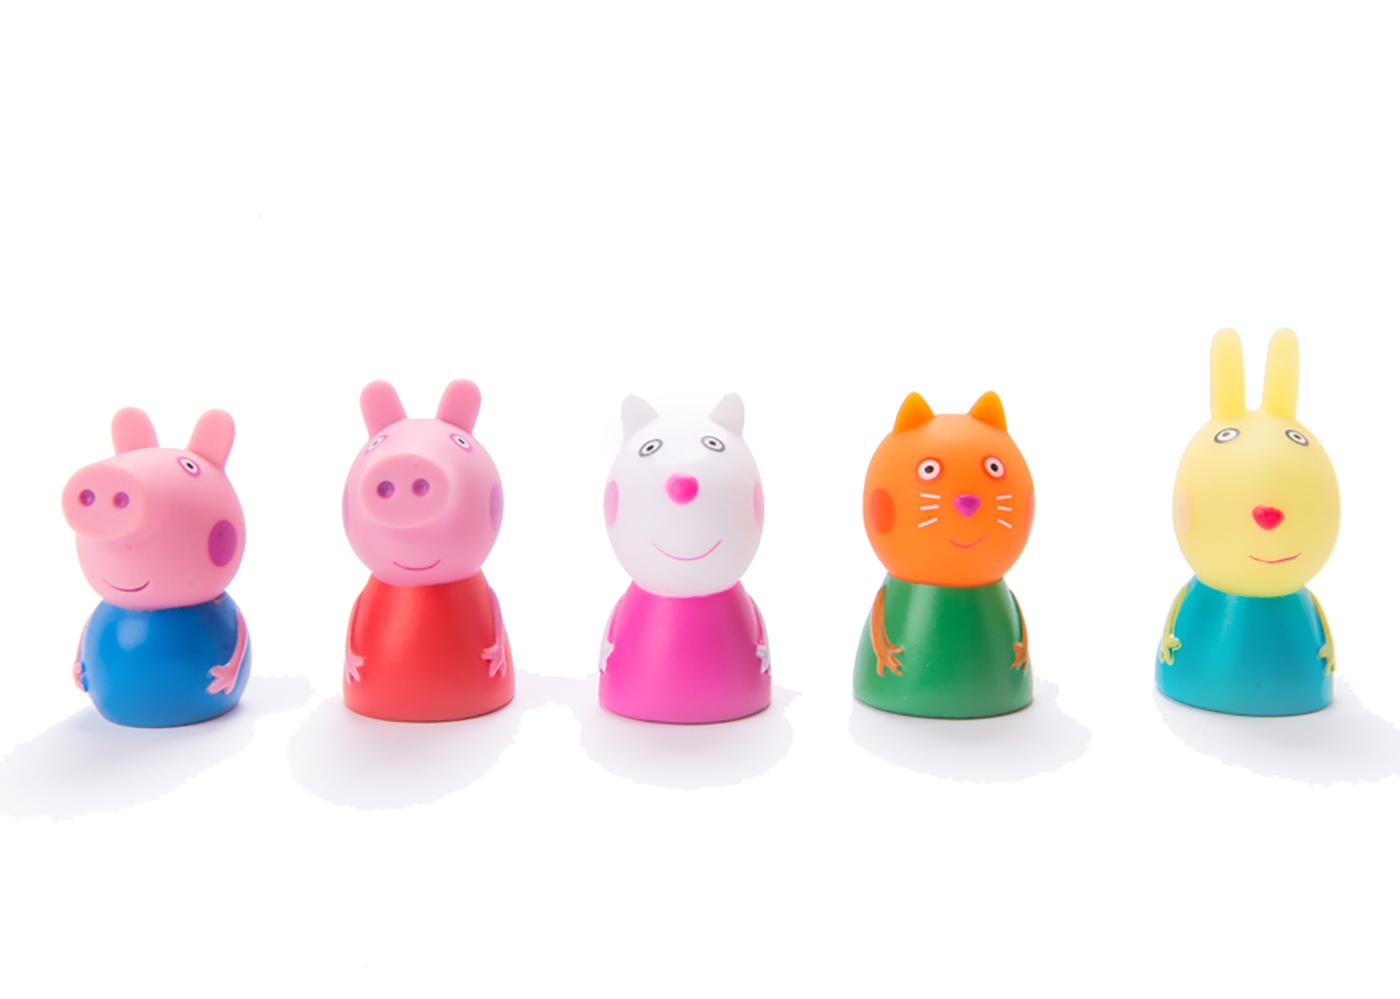 Пальчиковый театр Peppa Pig 5 фигурок, на блистере